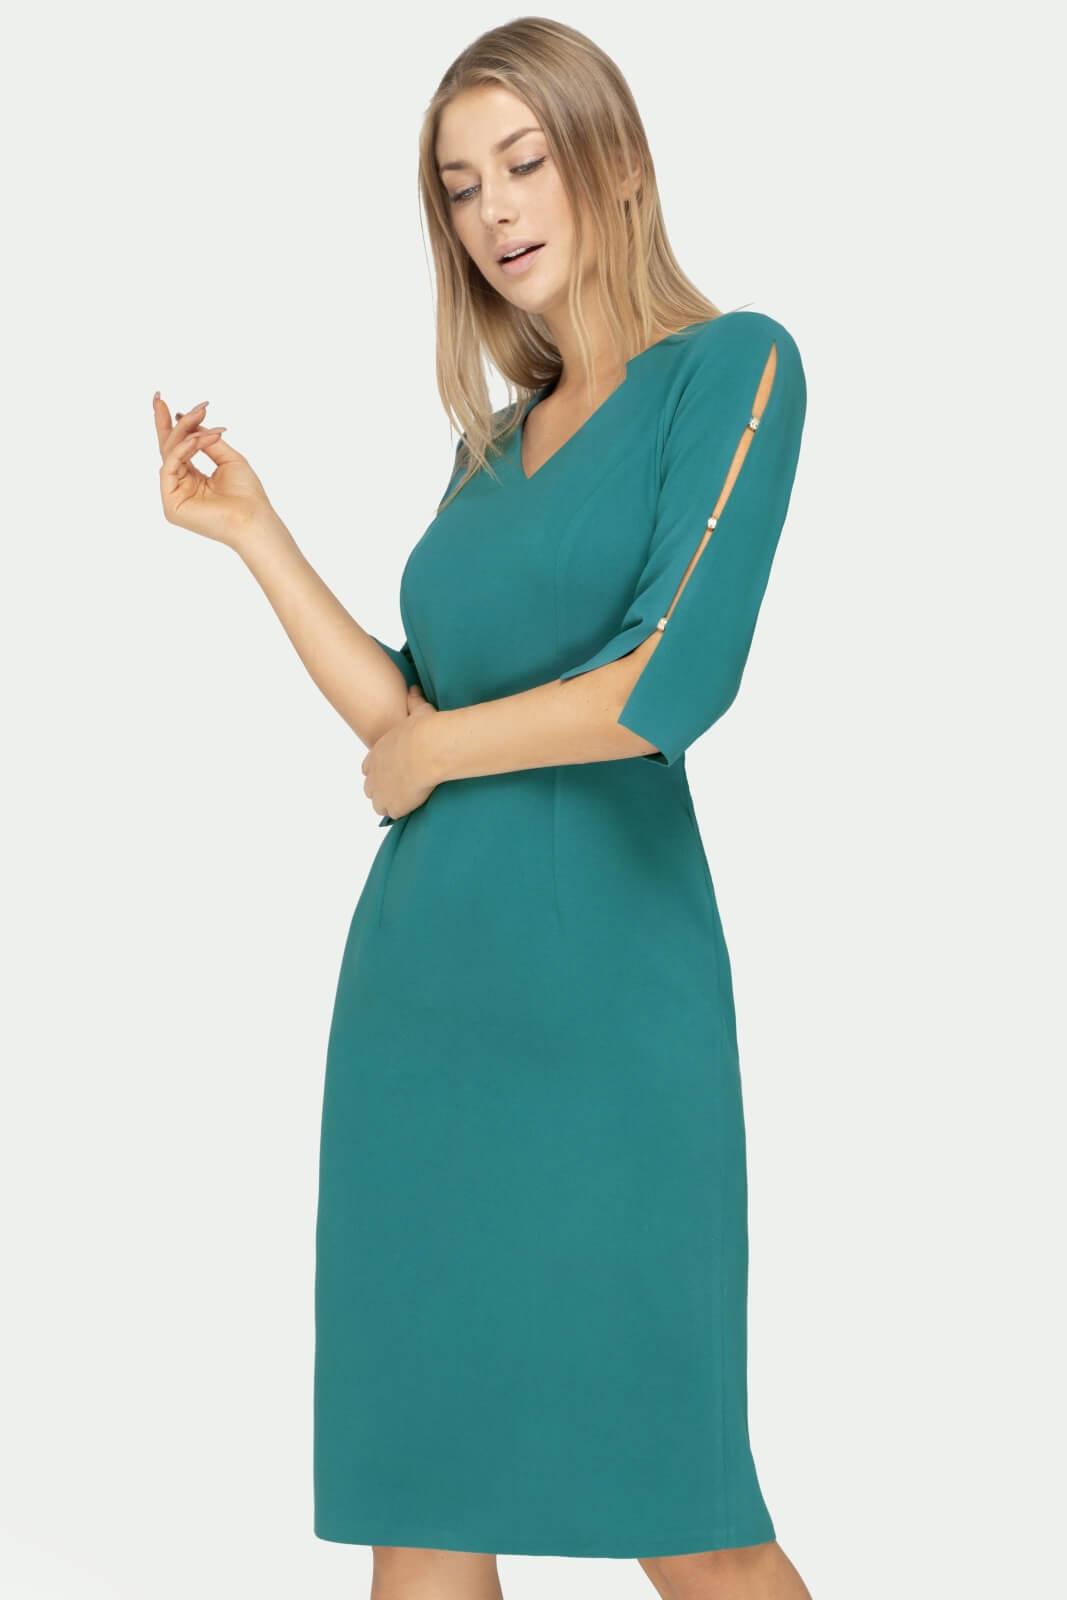 Sukienka Gabrielle turkusowa z rozcięciem na rękawie- widok z przodu